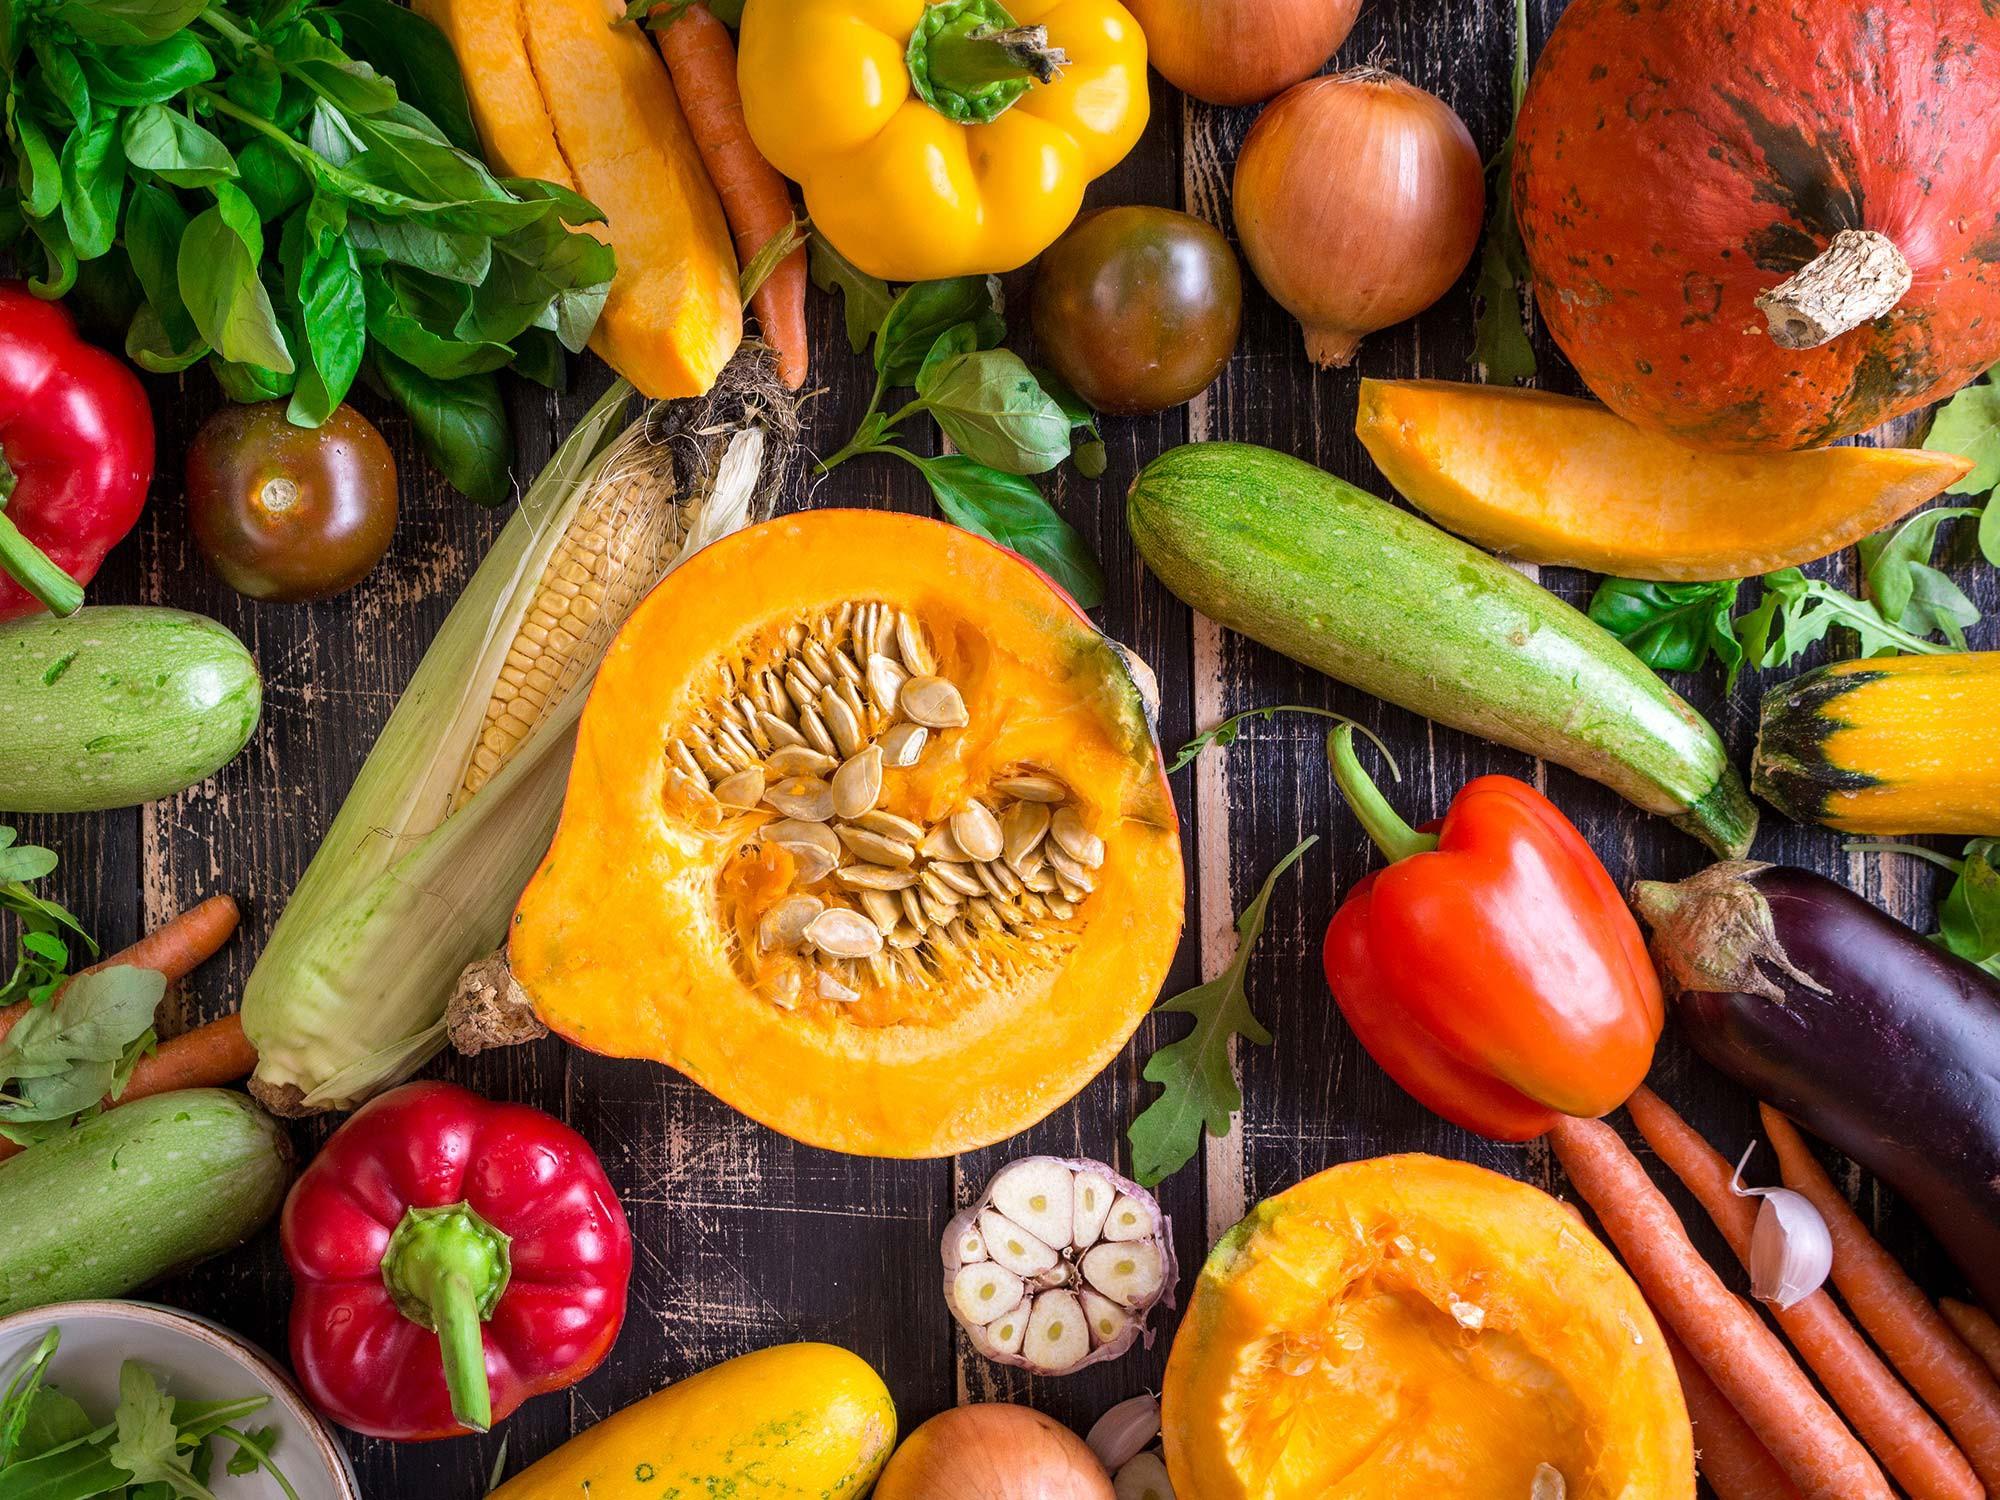 Sửng sốt: Tưởng cứ ăn nhiều rau củ quả sẽ giảm cân nhưng vẫn có loại khiến chị em béo lên đây này! - Ảnh 1.